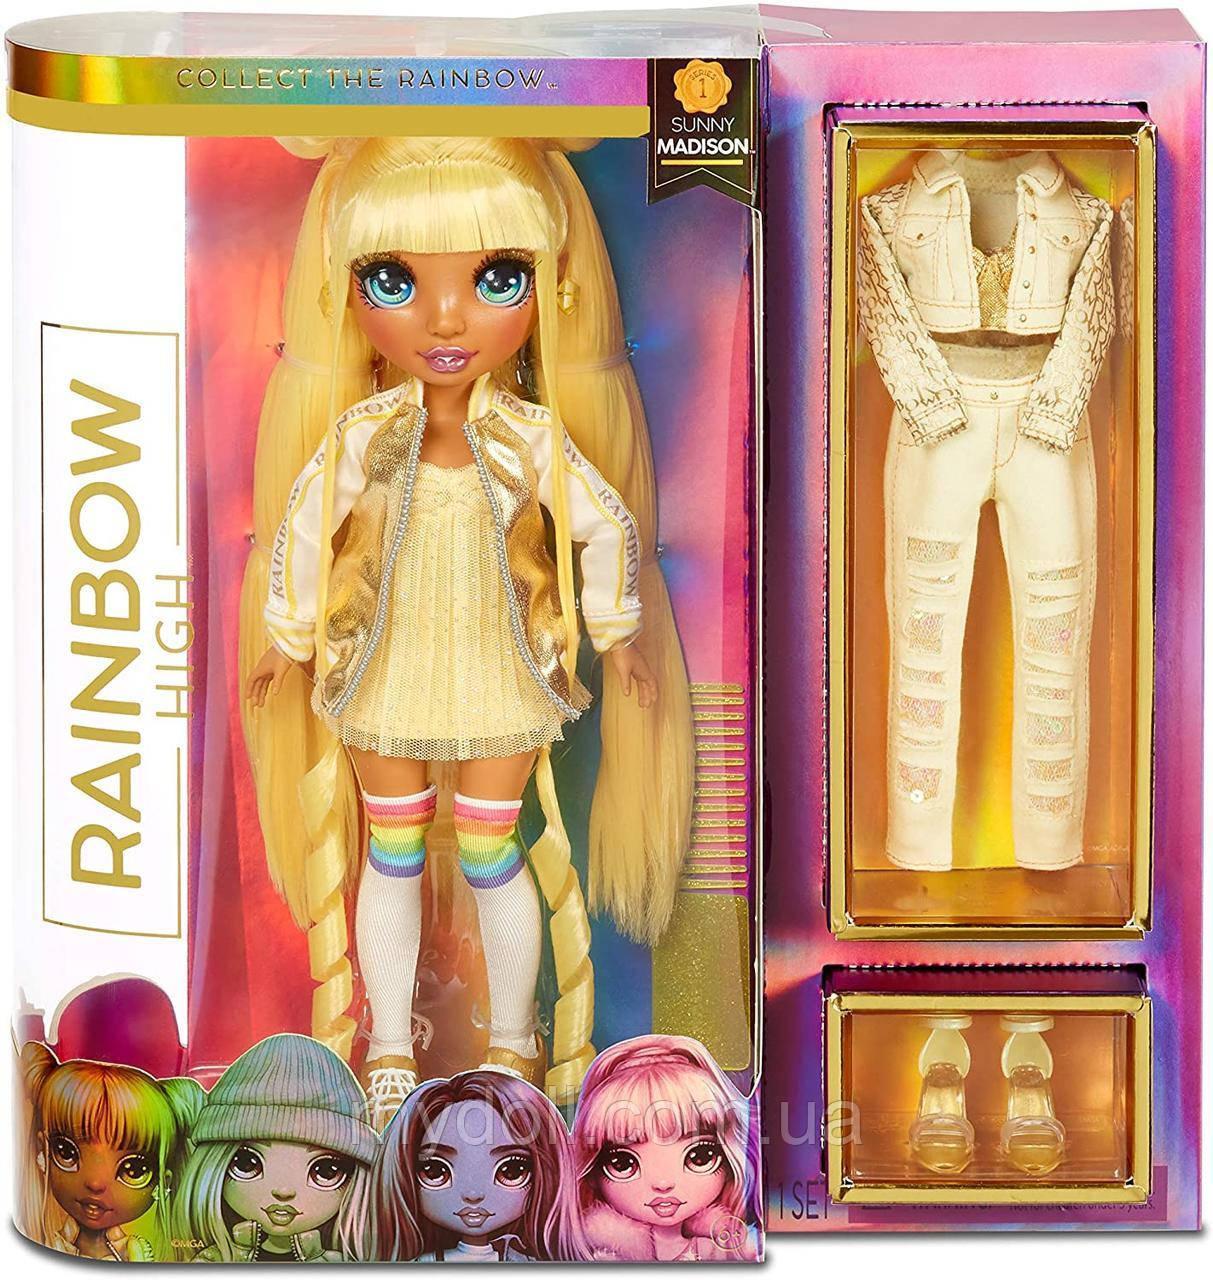 Уцінка! Лялька Rainbow High Санні Sunny Madison Yellow Clothes Жовта Мосту Хай Санні Медісон 569626 Оригінал